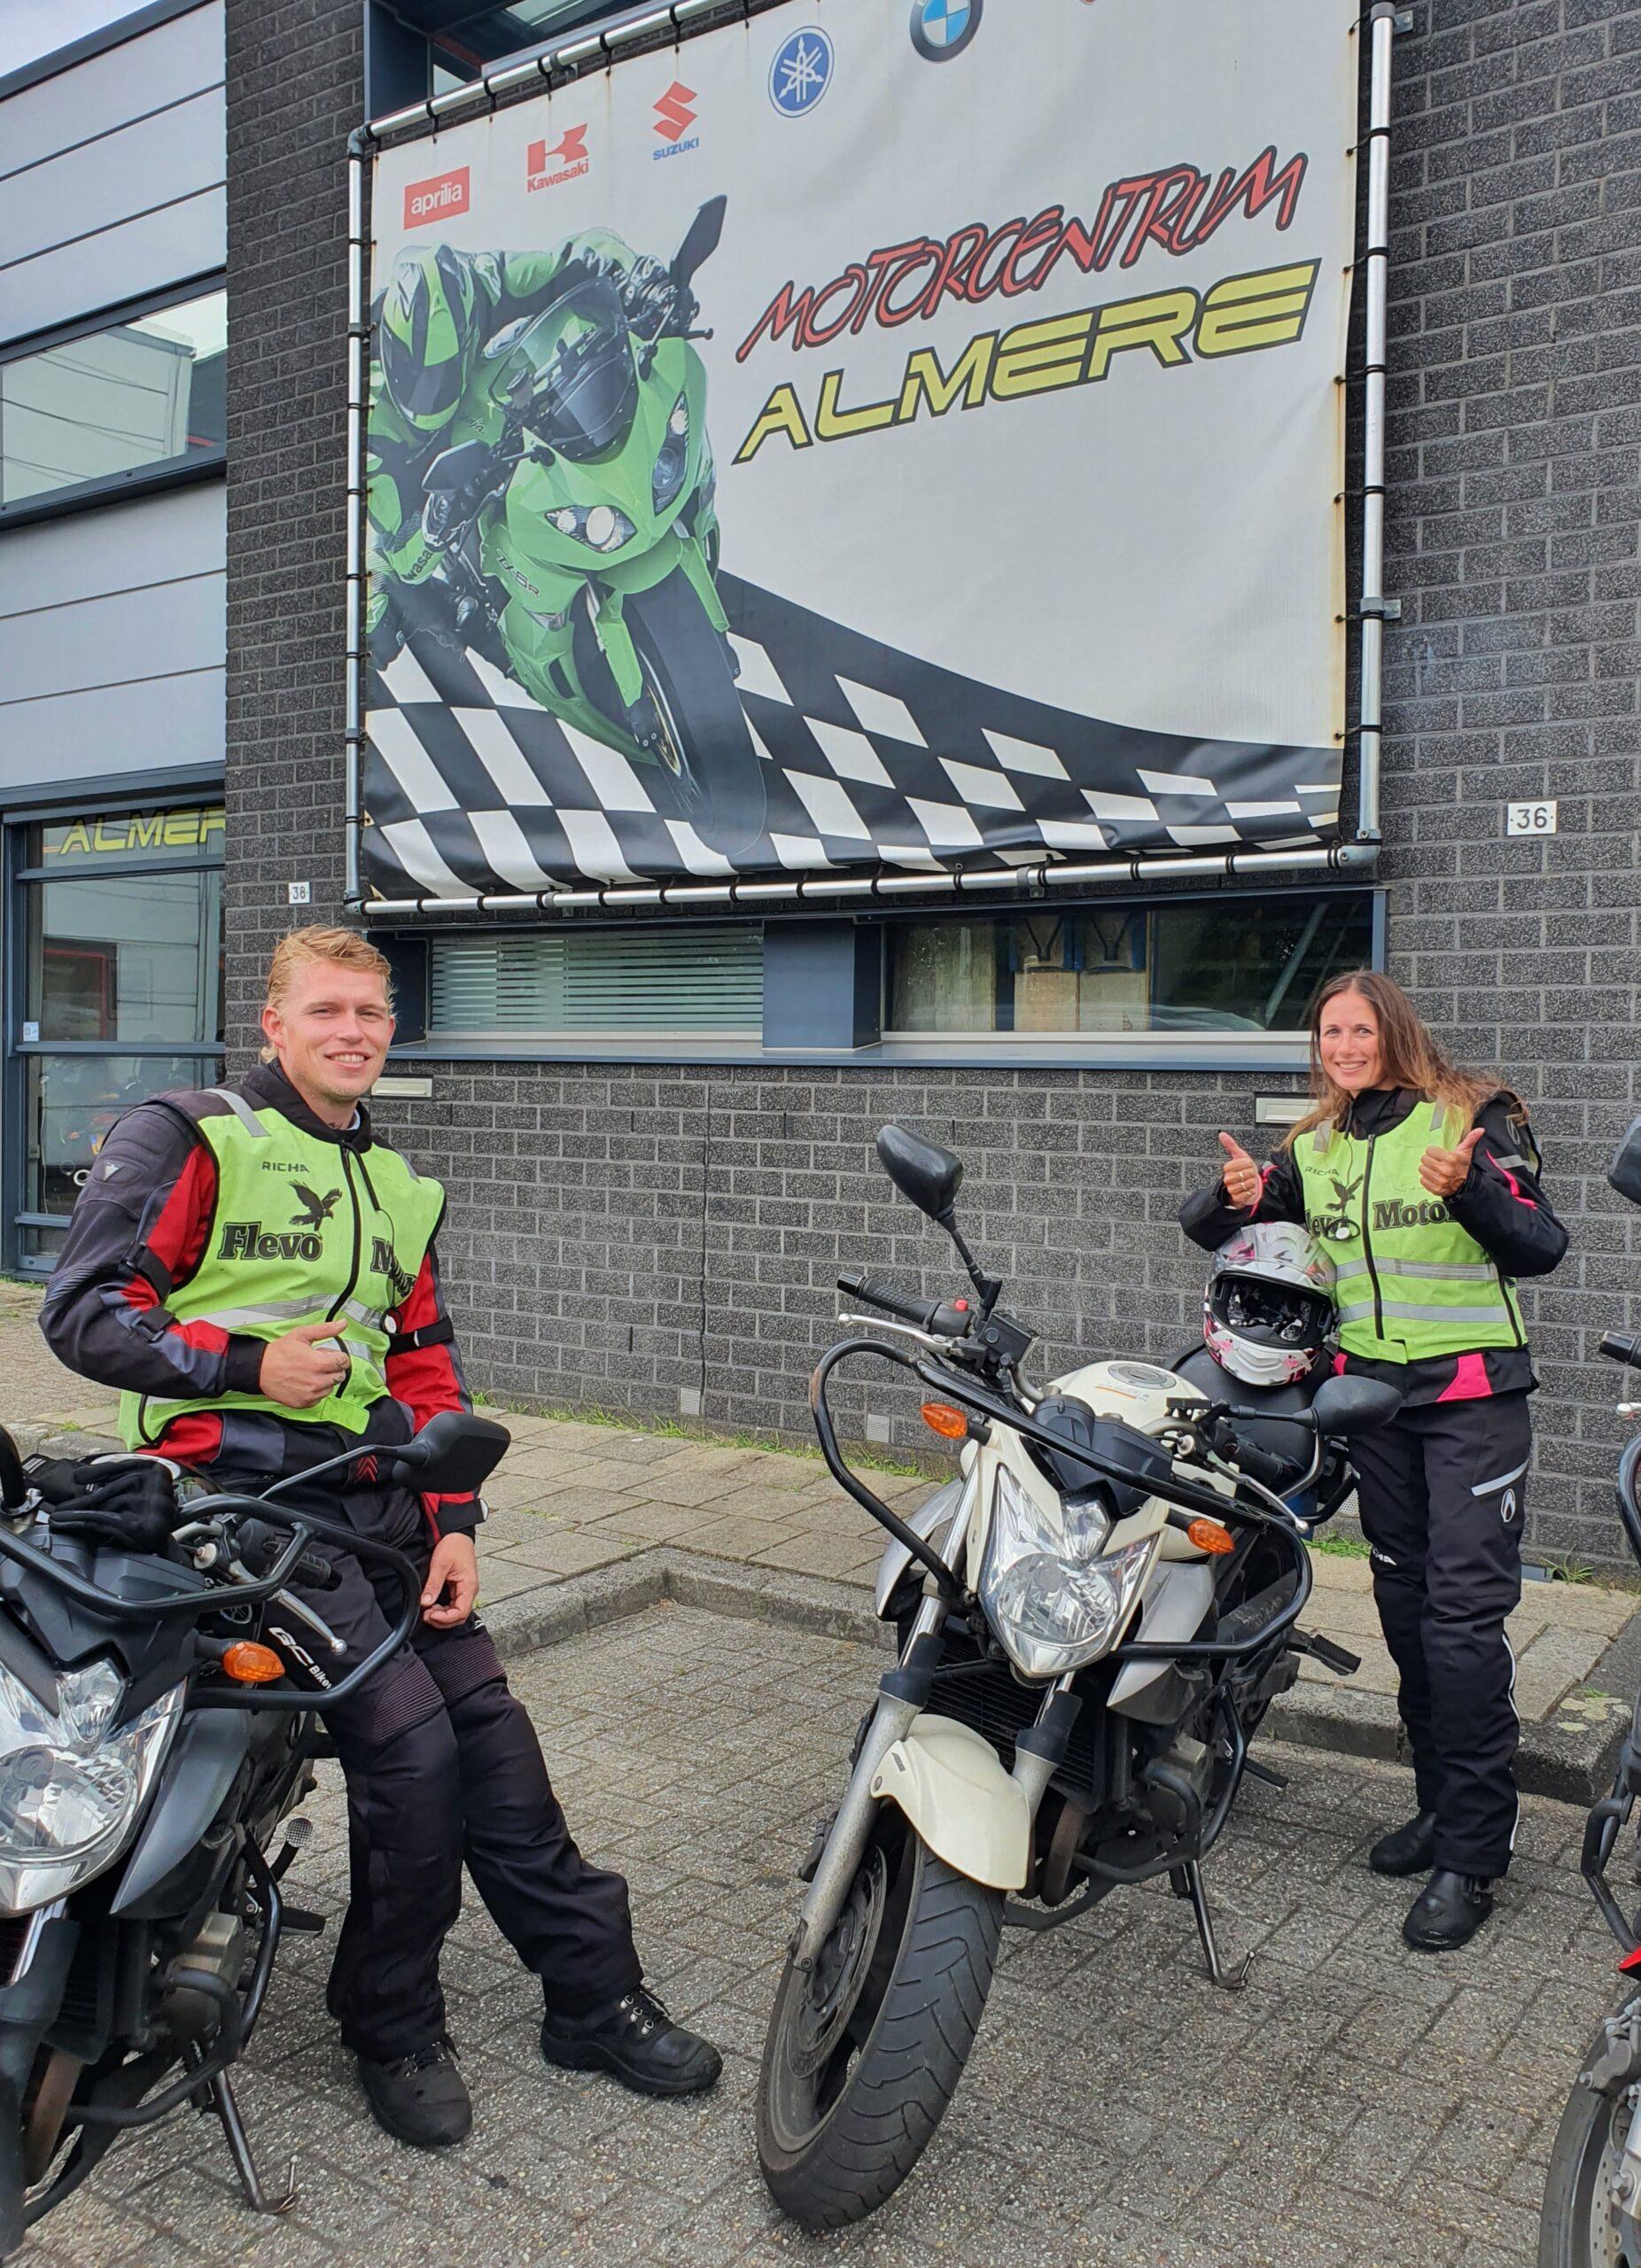 Esther en Michael ook beide bij FlevoMotor in een keer geslaagd voor hun motorrijbewijs!